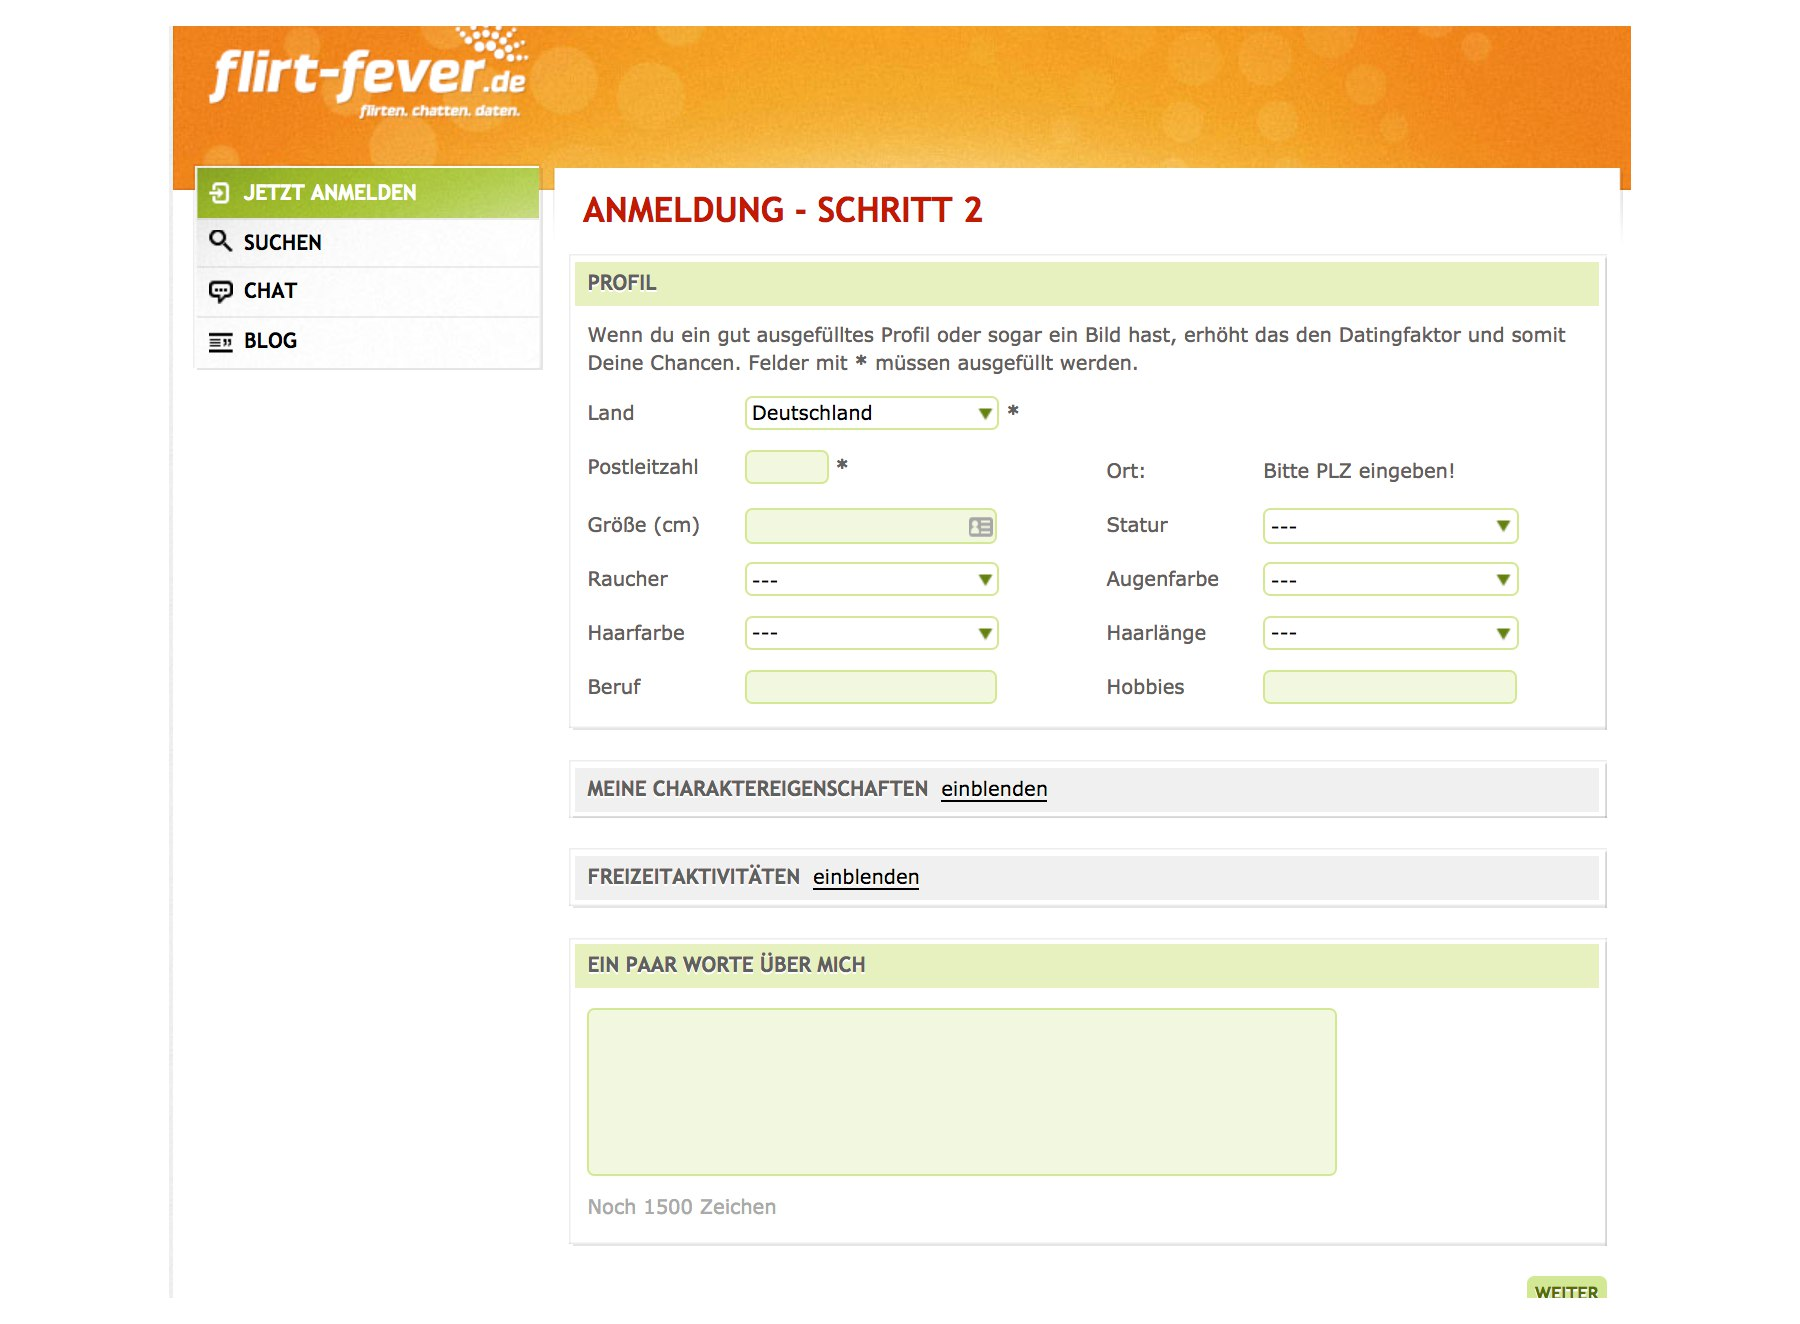 Flirt Fever Anmeldung 2